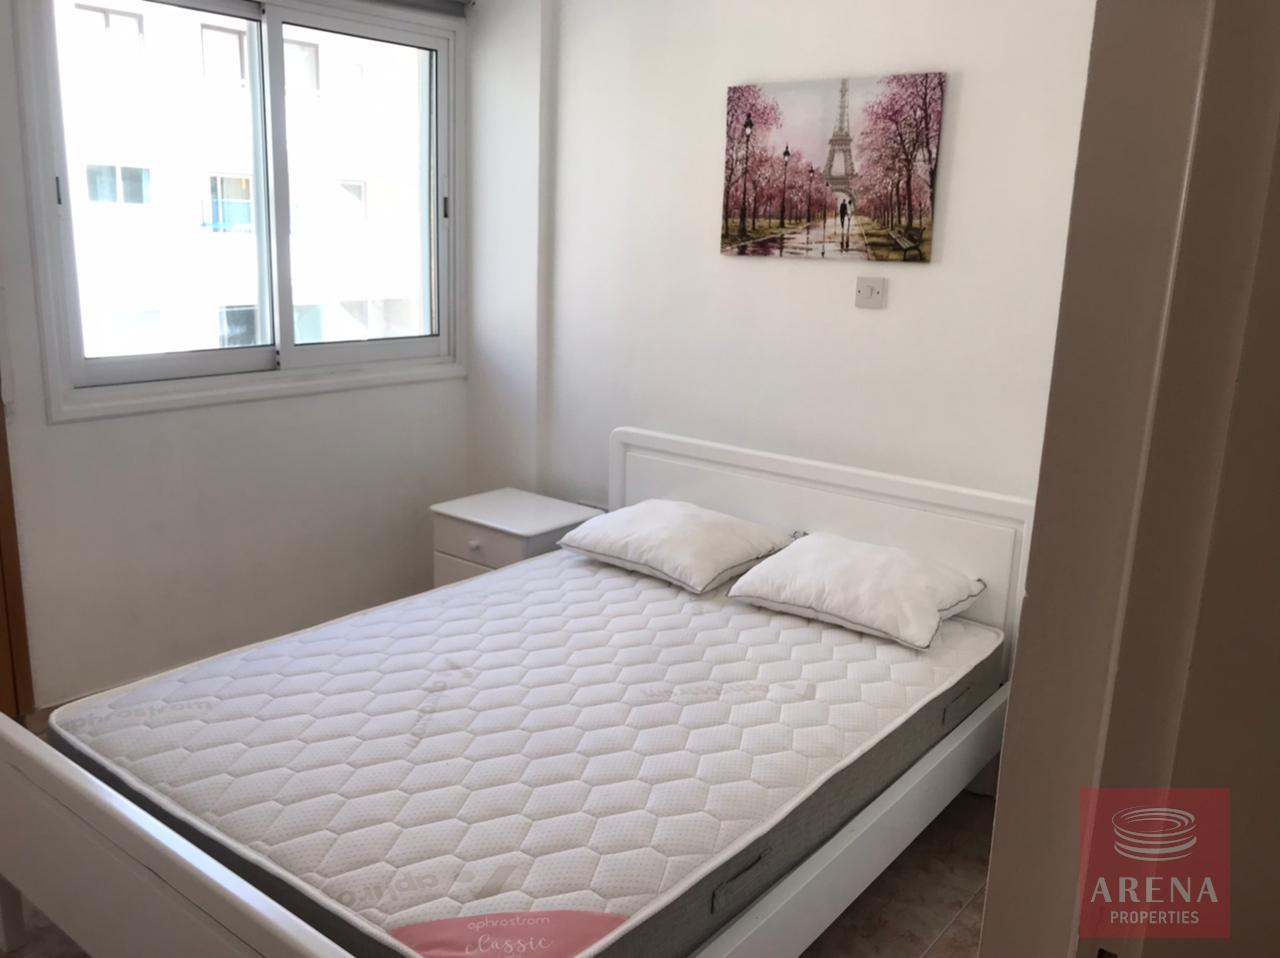 2 bes apt for rent in Makenzie - bedroom